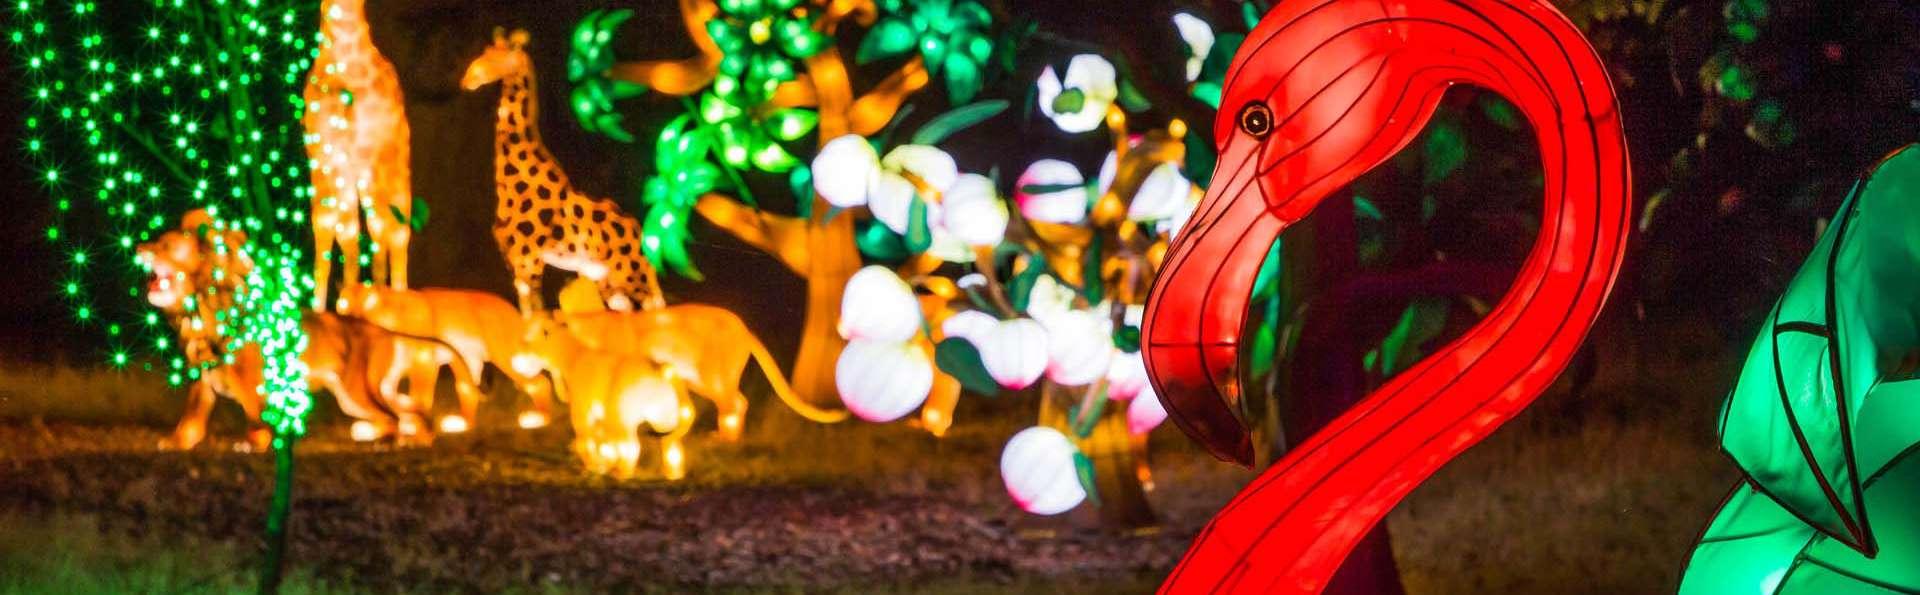 Bezoek aan de Zoo van Thoiry en charmante verblijfplaats